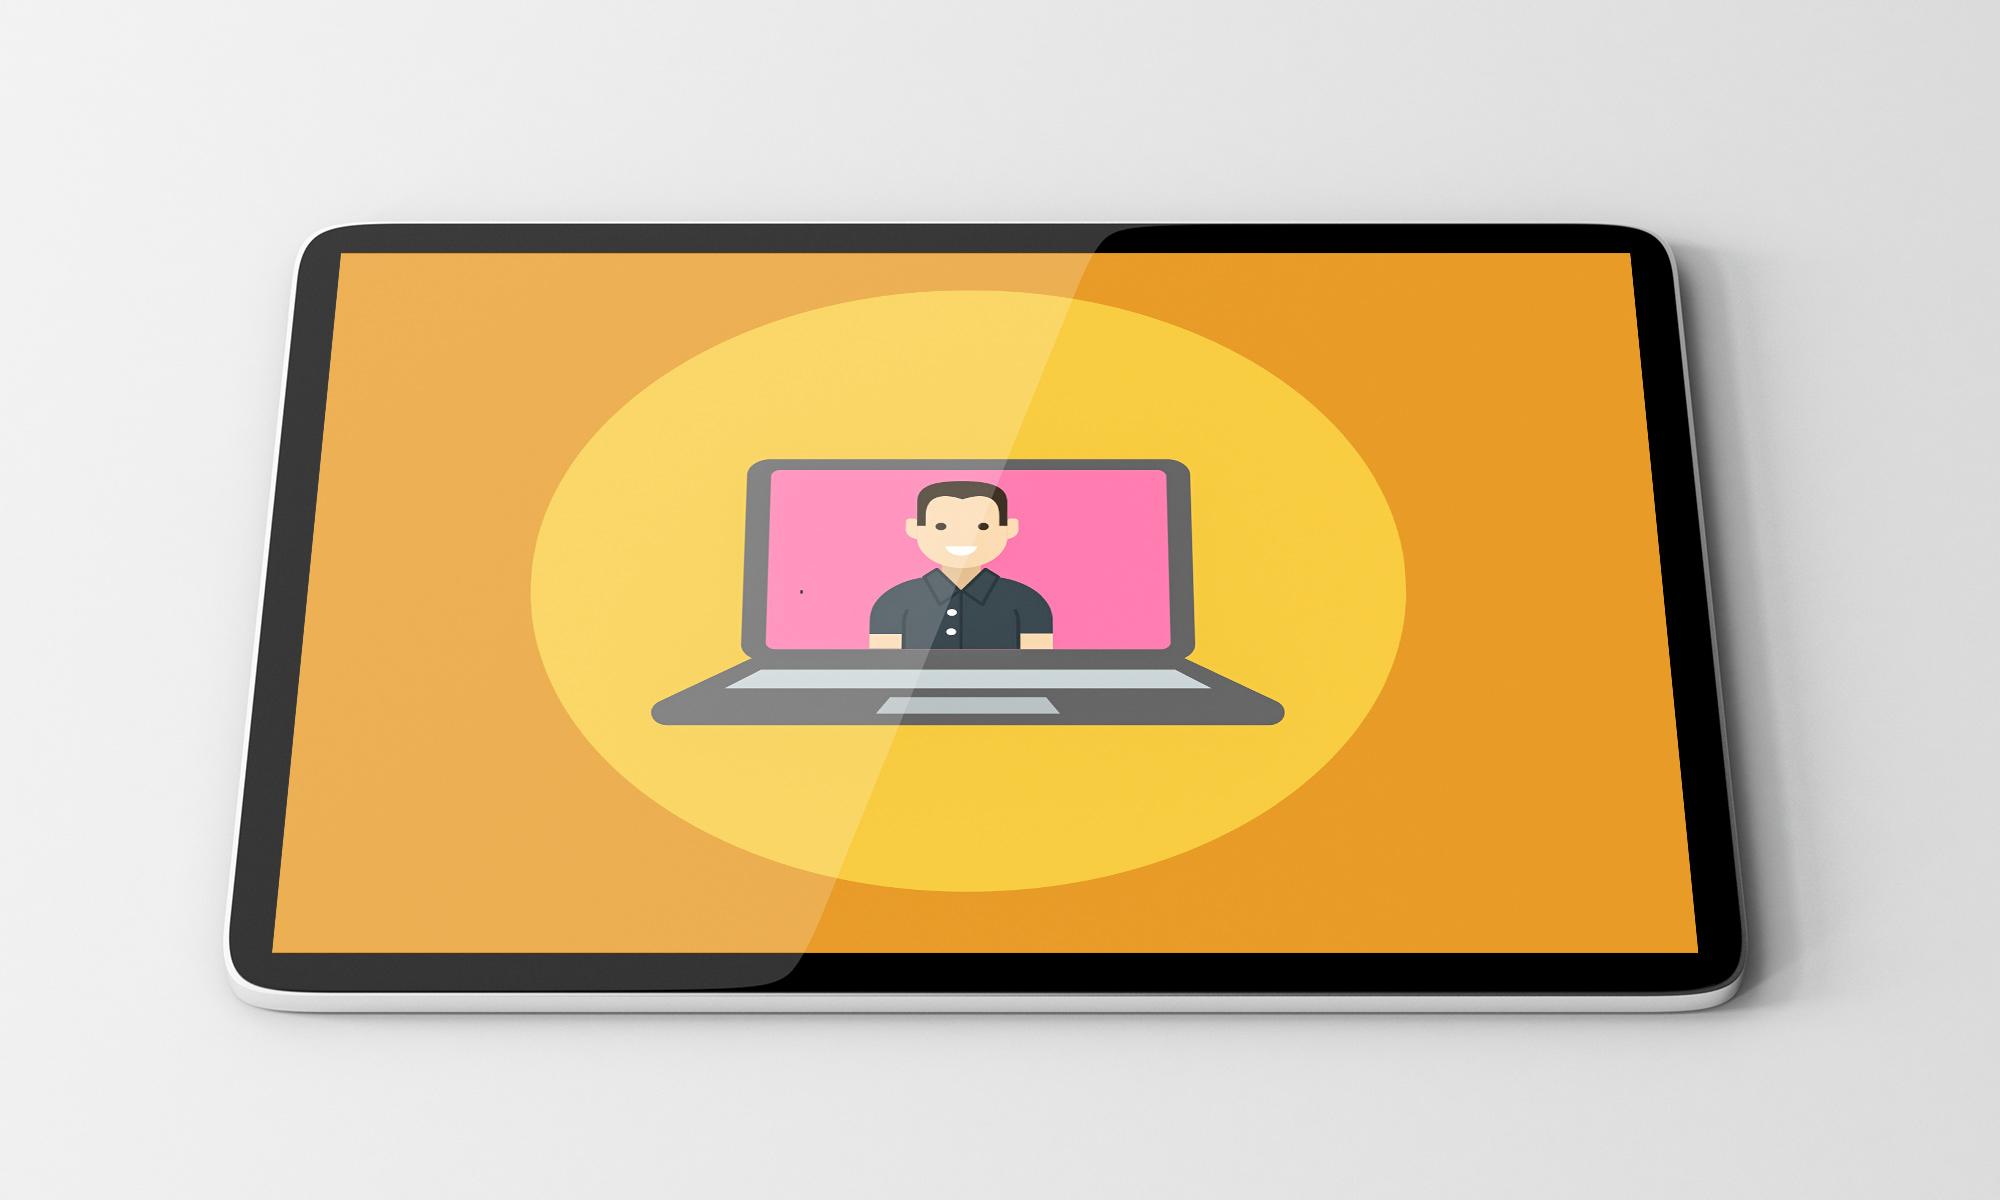 UX-Design: Ein begeisterter Kunde auf dem Bildschirm